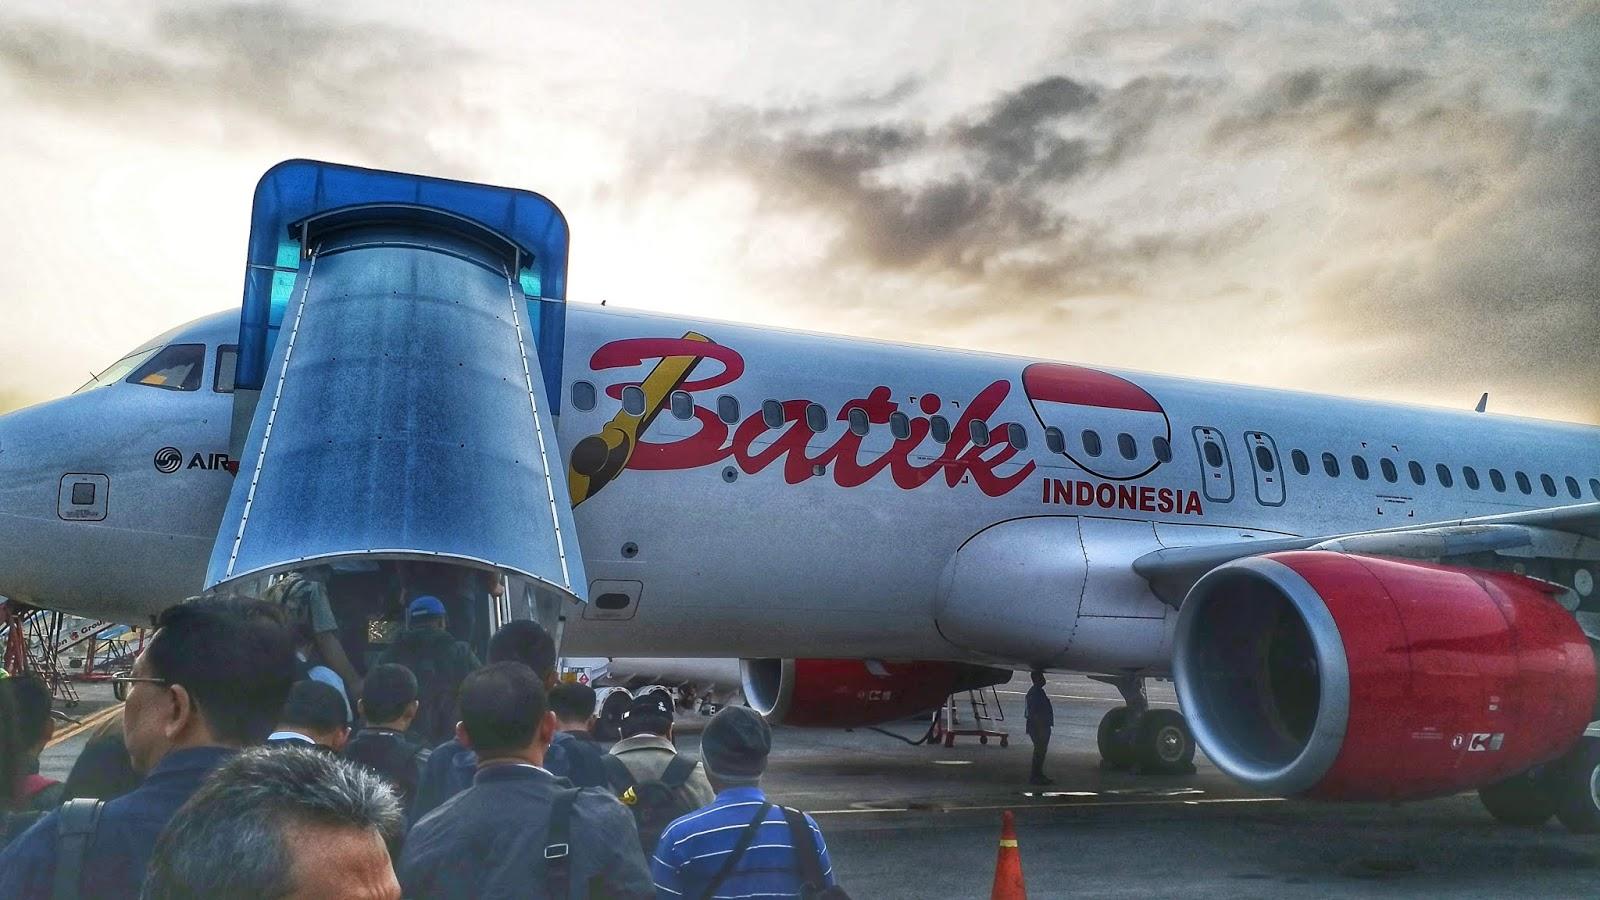 Tujuan Wisata Diskon Tiket Pesawat 50%, Bali-Lombok-Jogja Juga Lo!